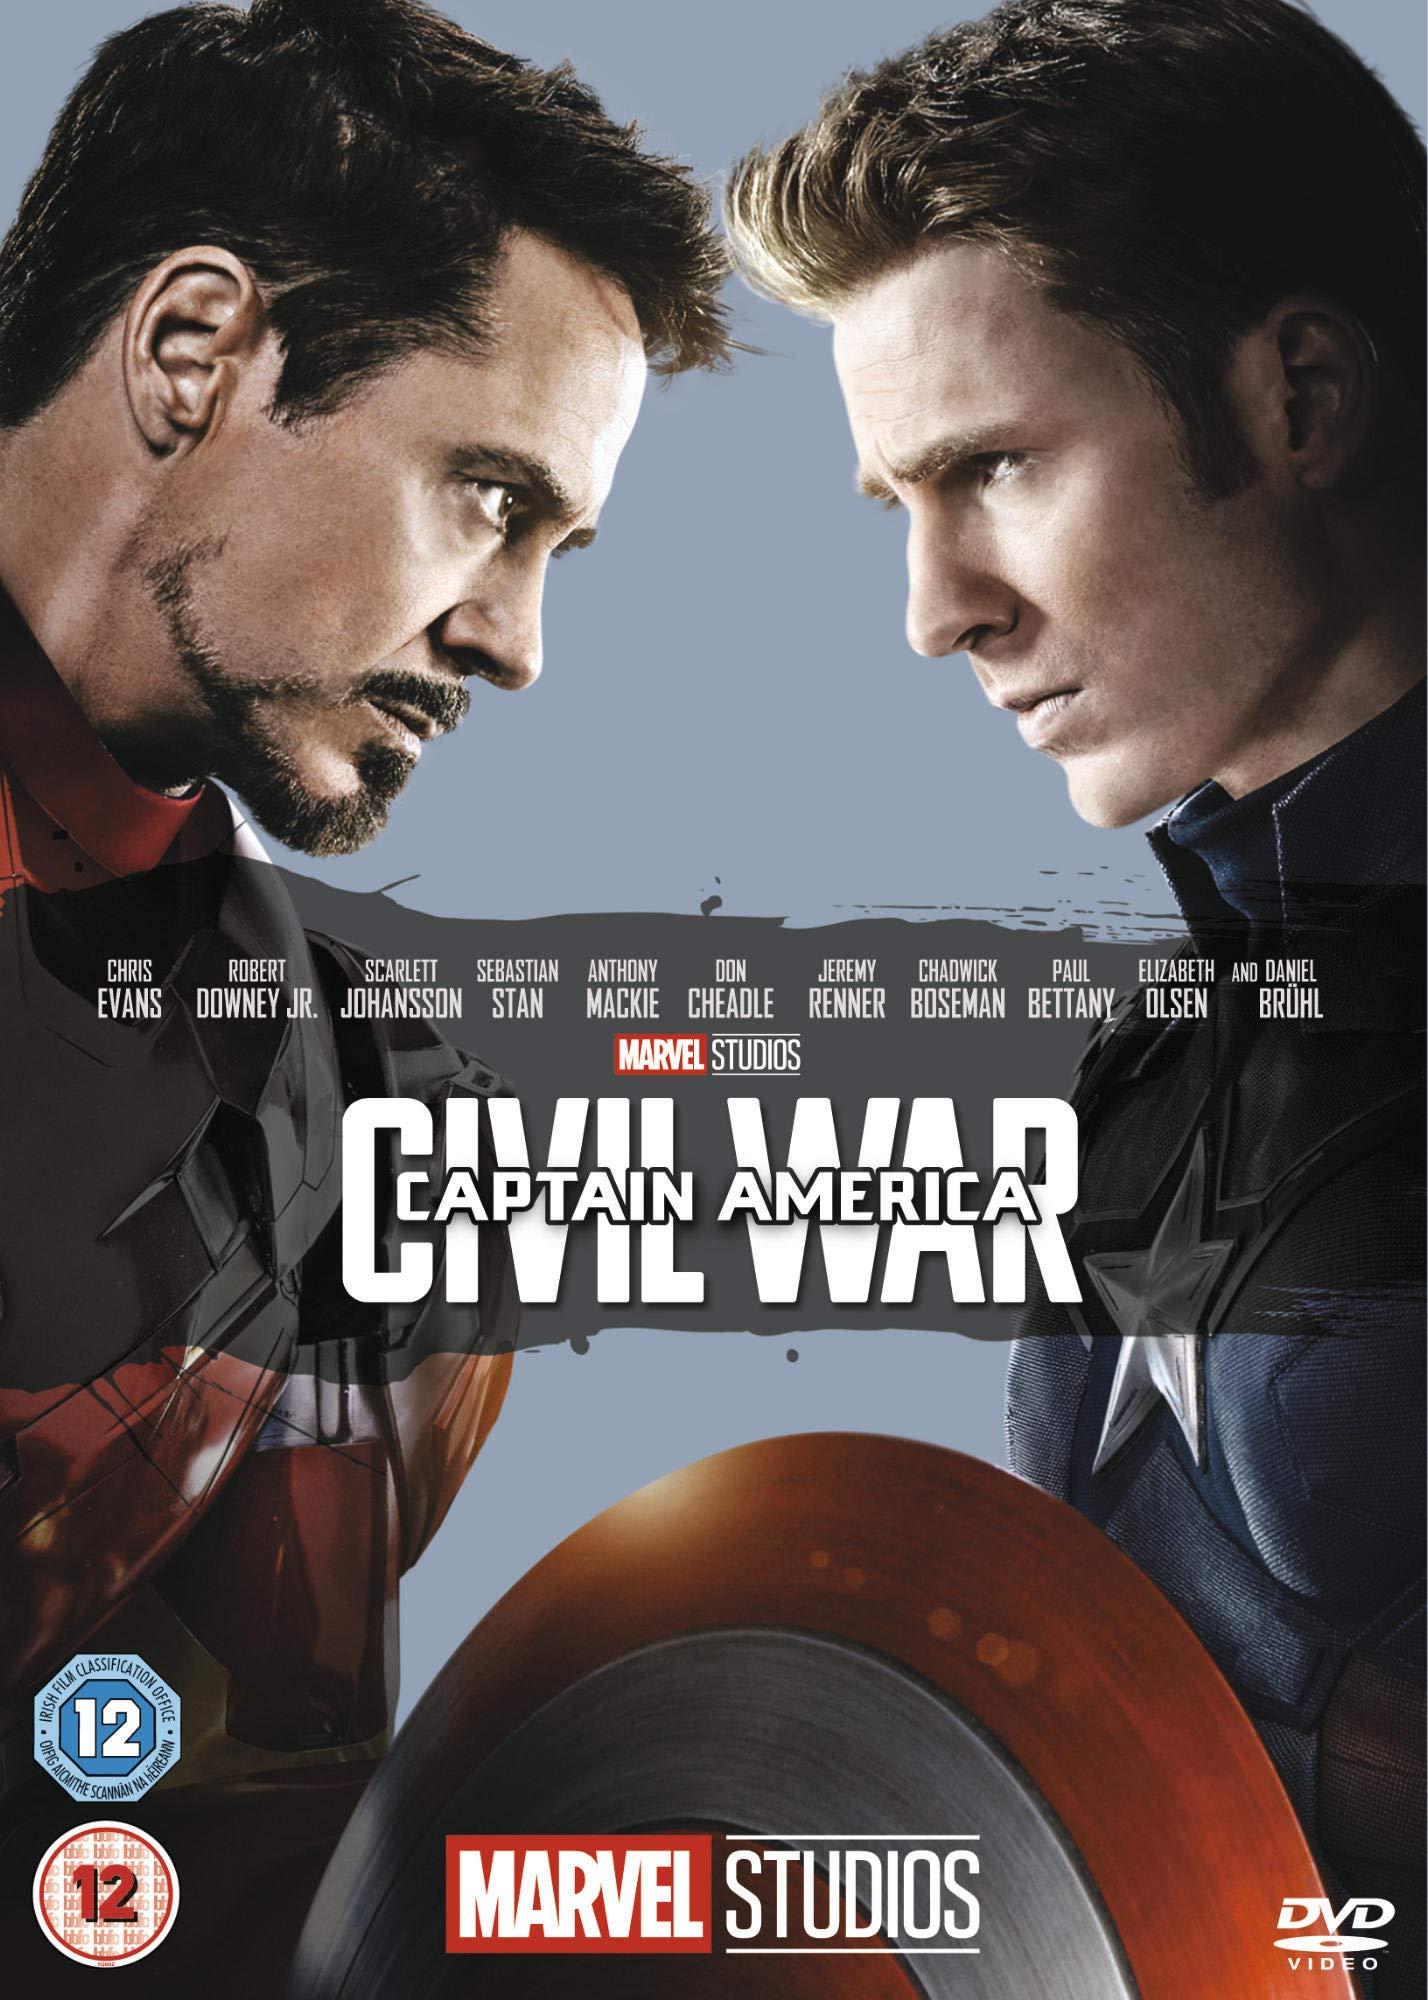 Marvel Cinematic Universe film 13 - Captain America: Civil War